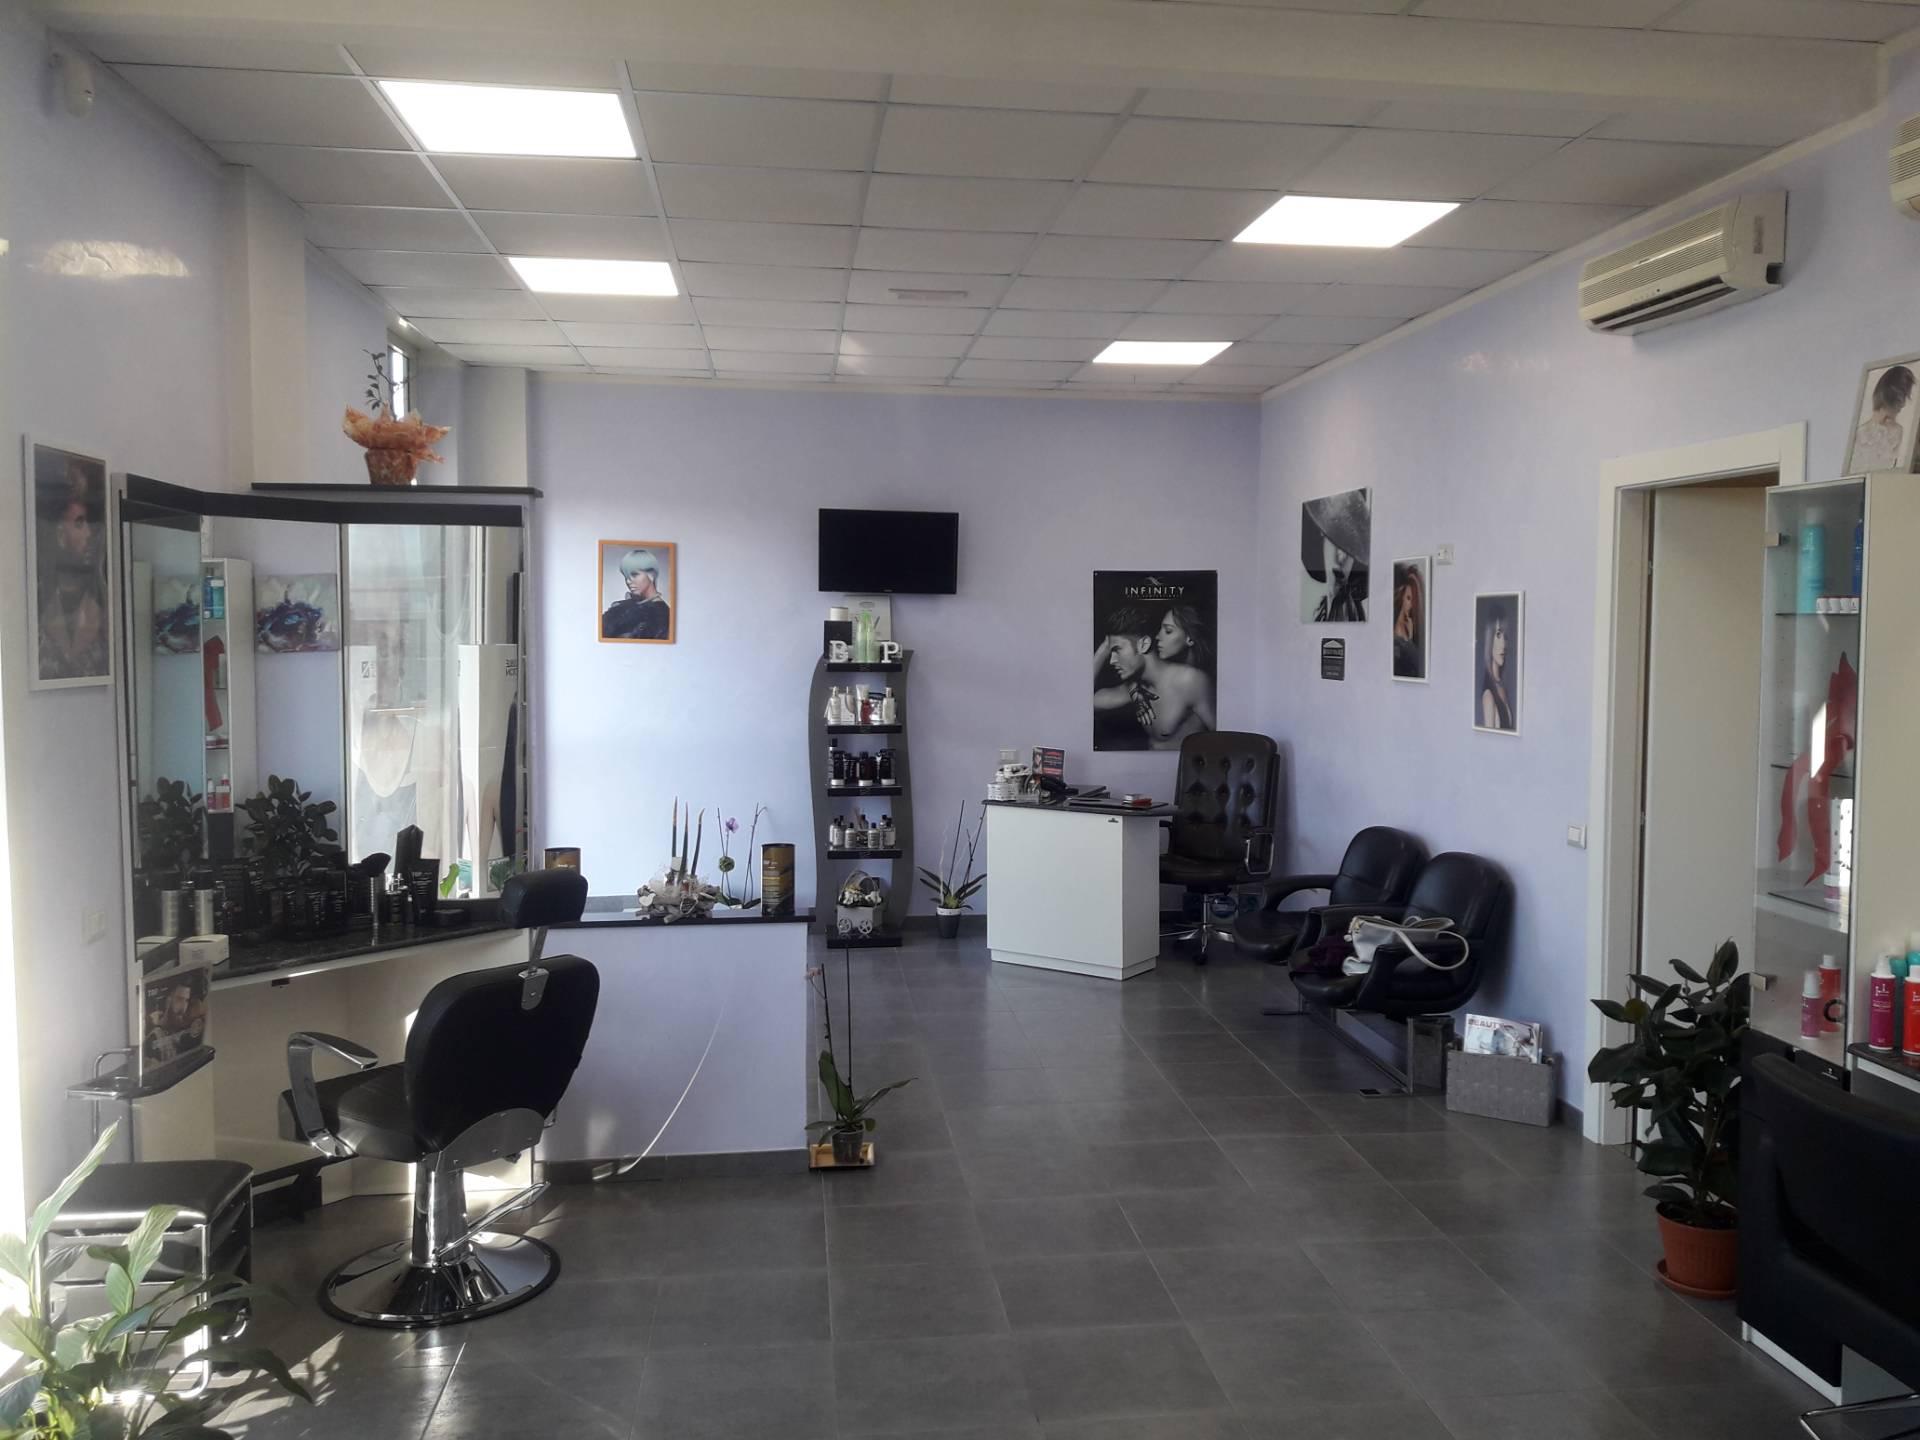 Negozio / Locale in vendita a Alatri, 9999 locali, prezzo € 115.000 | CambioCasa.it